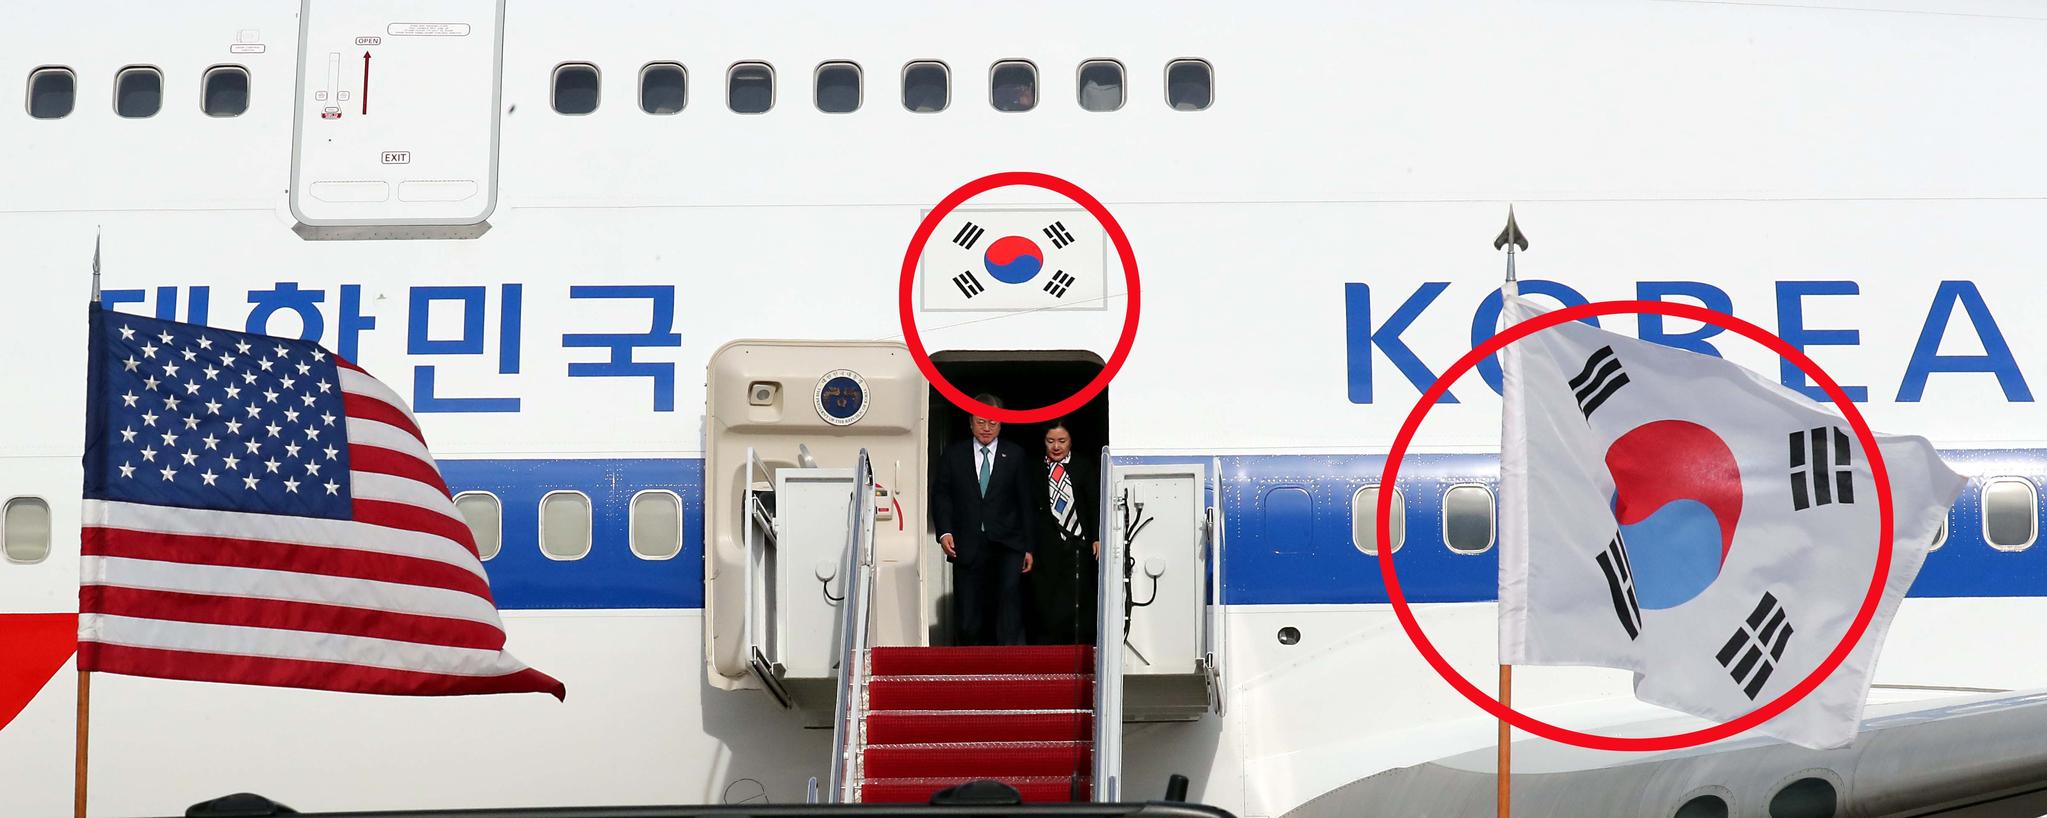 문재인 대통령이 한미정상회담을 위해 11일 오전(현지시간) 미국 앤드루스공항에 도착하고 있다. 전용기 태극문양 파란색 부분이 의장대의 파란색보다 짙다.강정현 기자